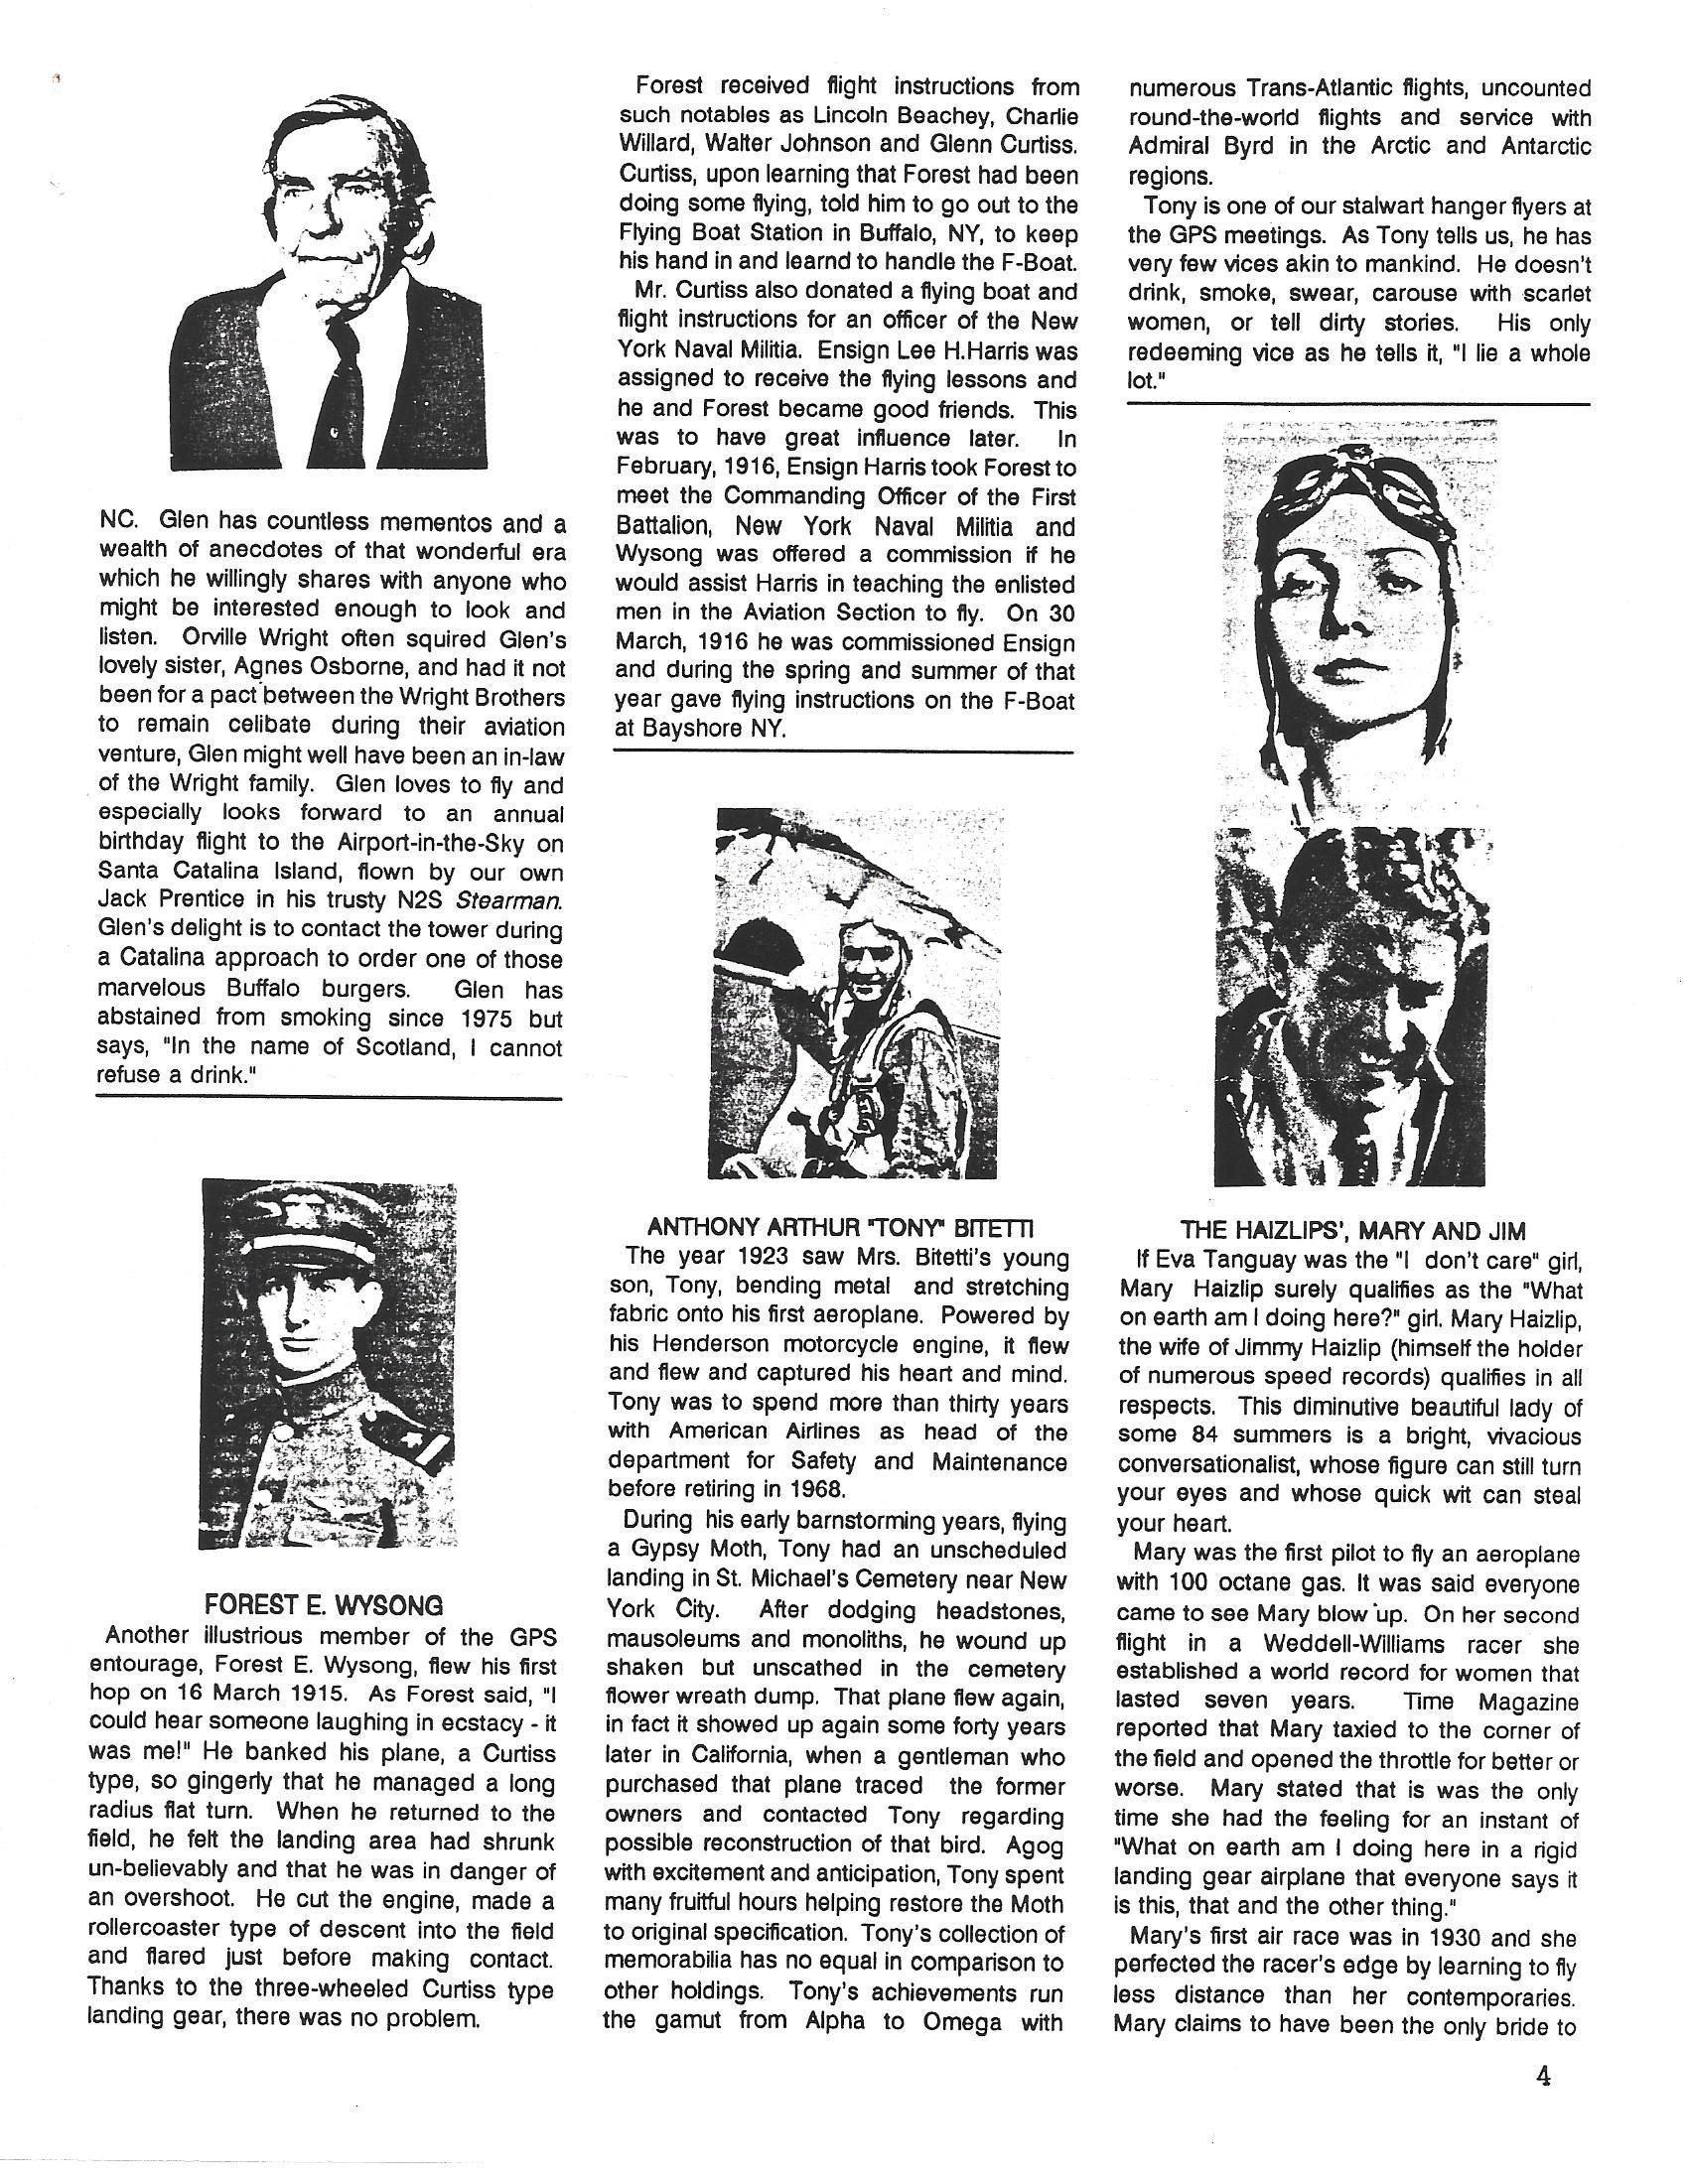 HistoryGPS1975_Page_5